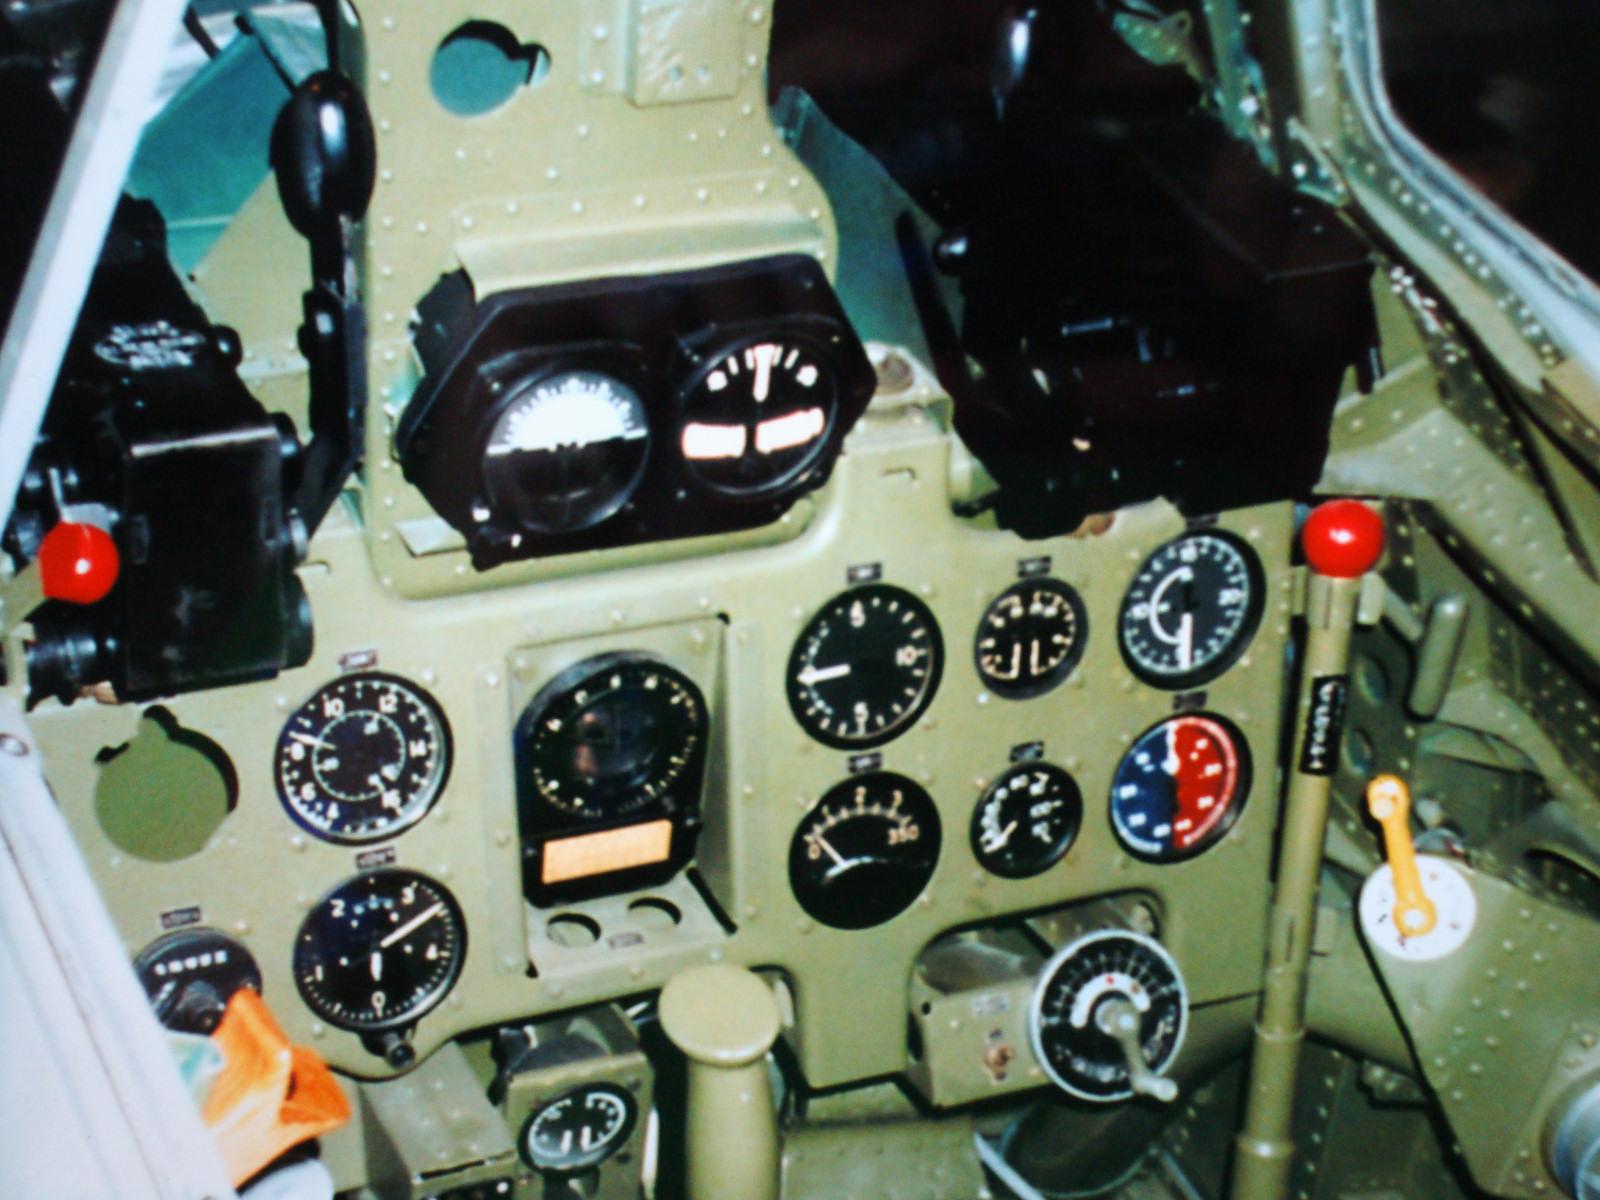 a6m zero cockpit coloring pages - photo #9